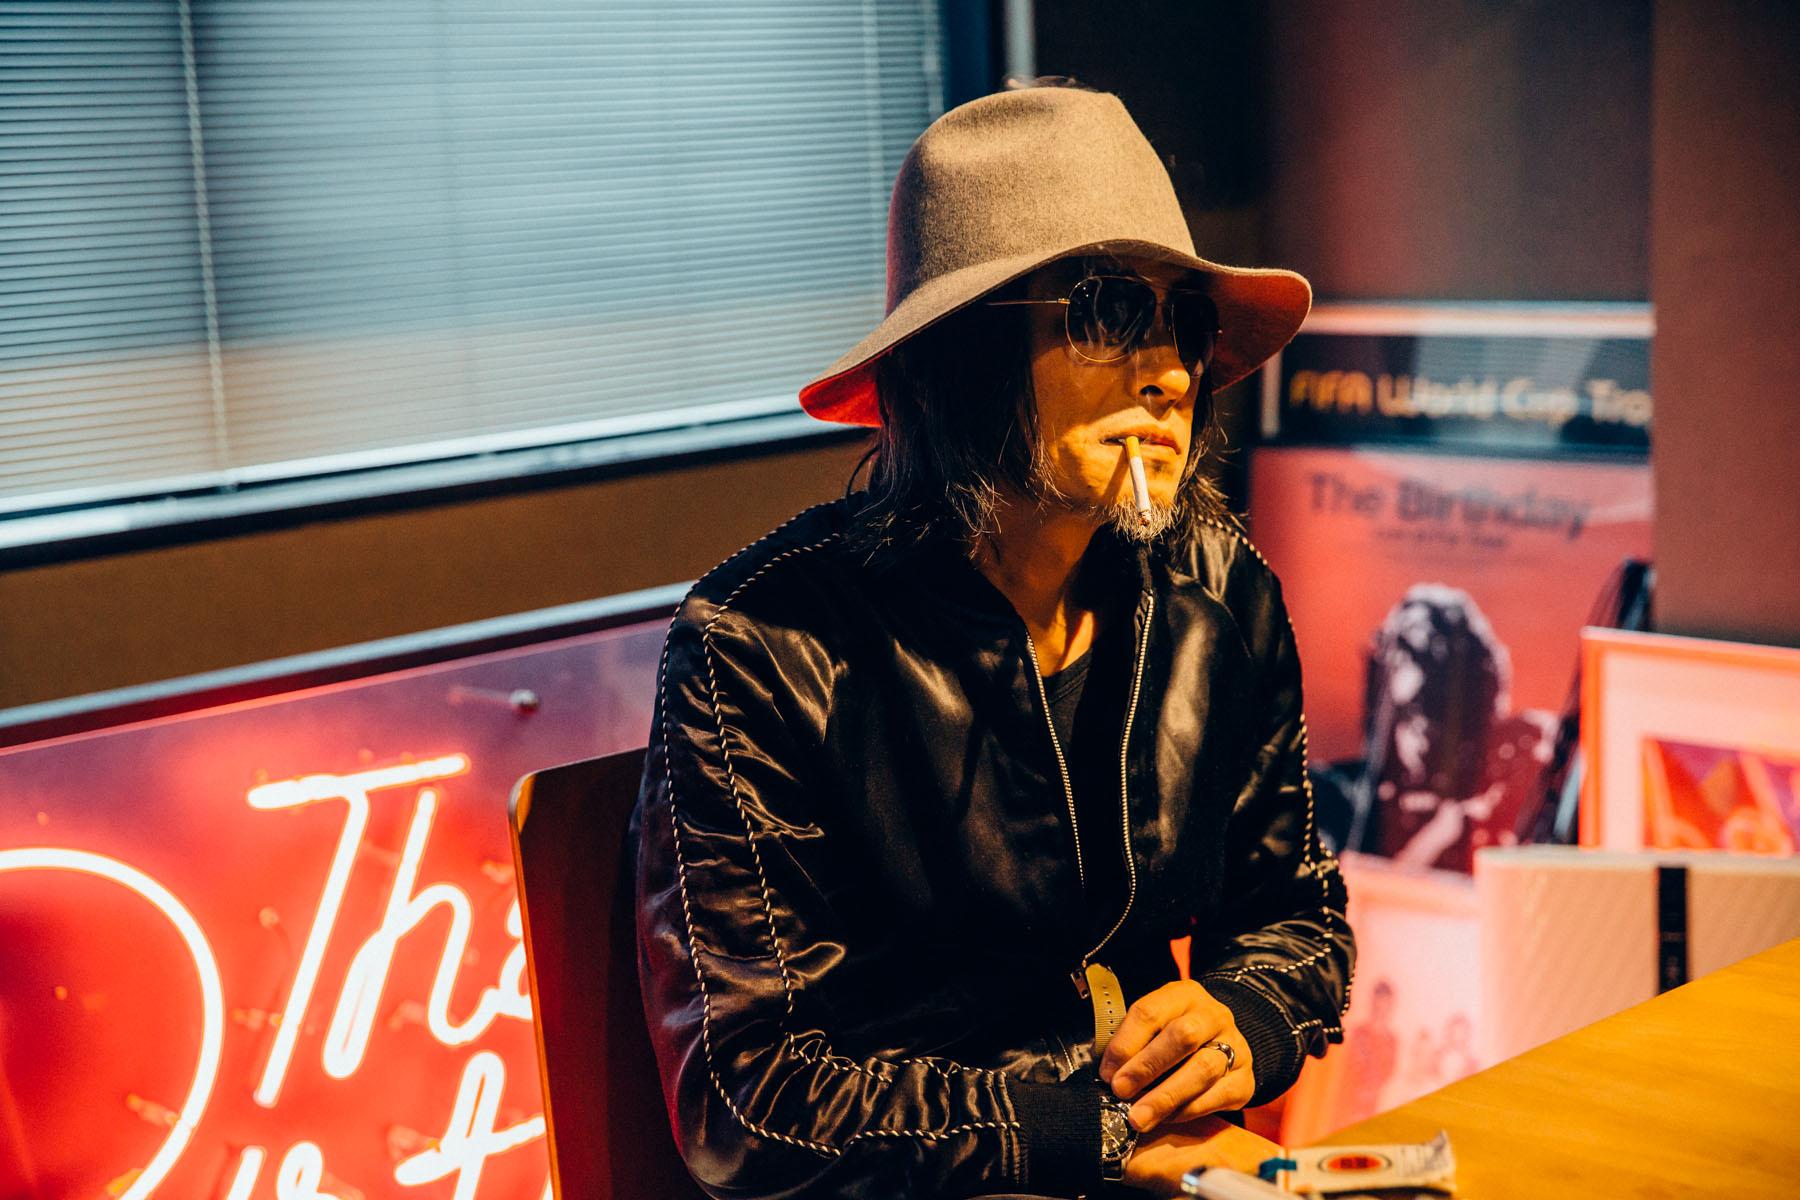 チバユウスケ、自身のフジロック出演歴から現在のフジロックの楽しみ方までを語る